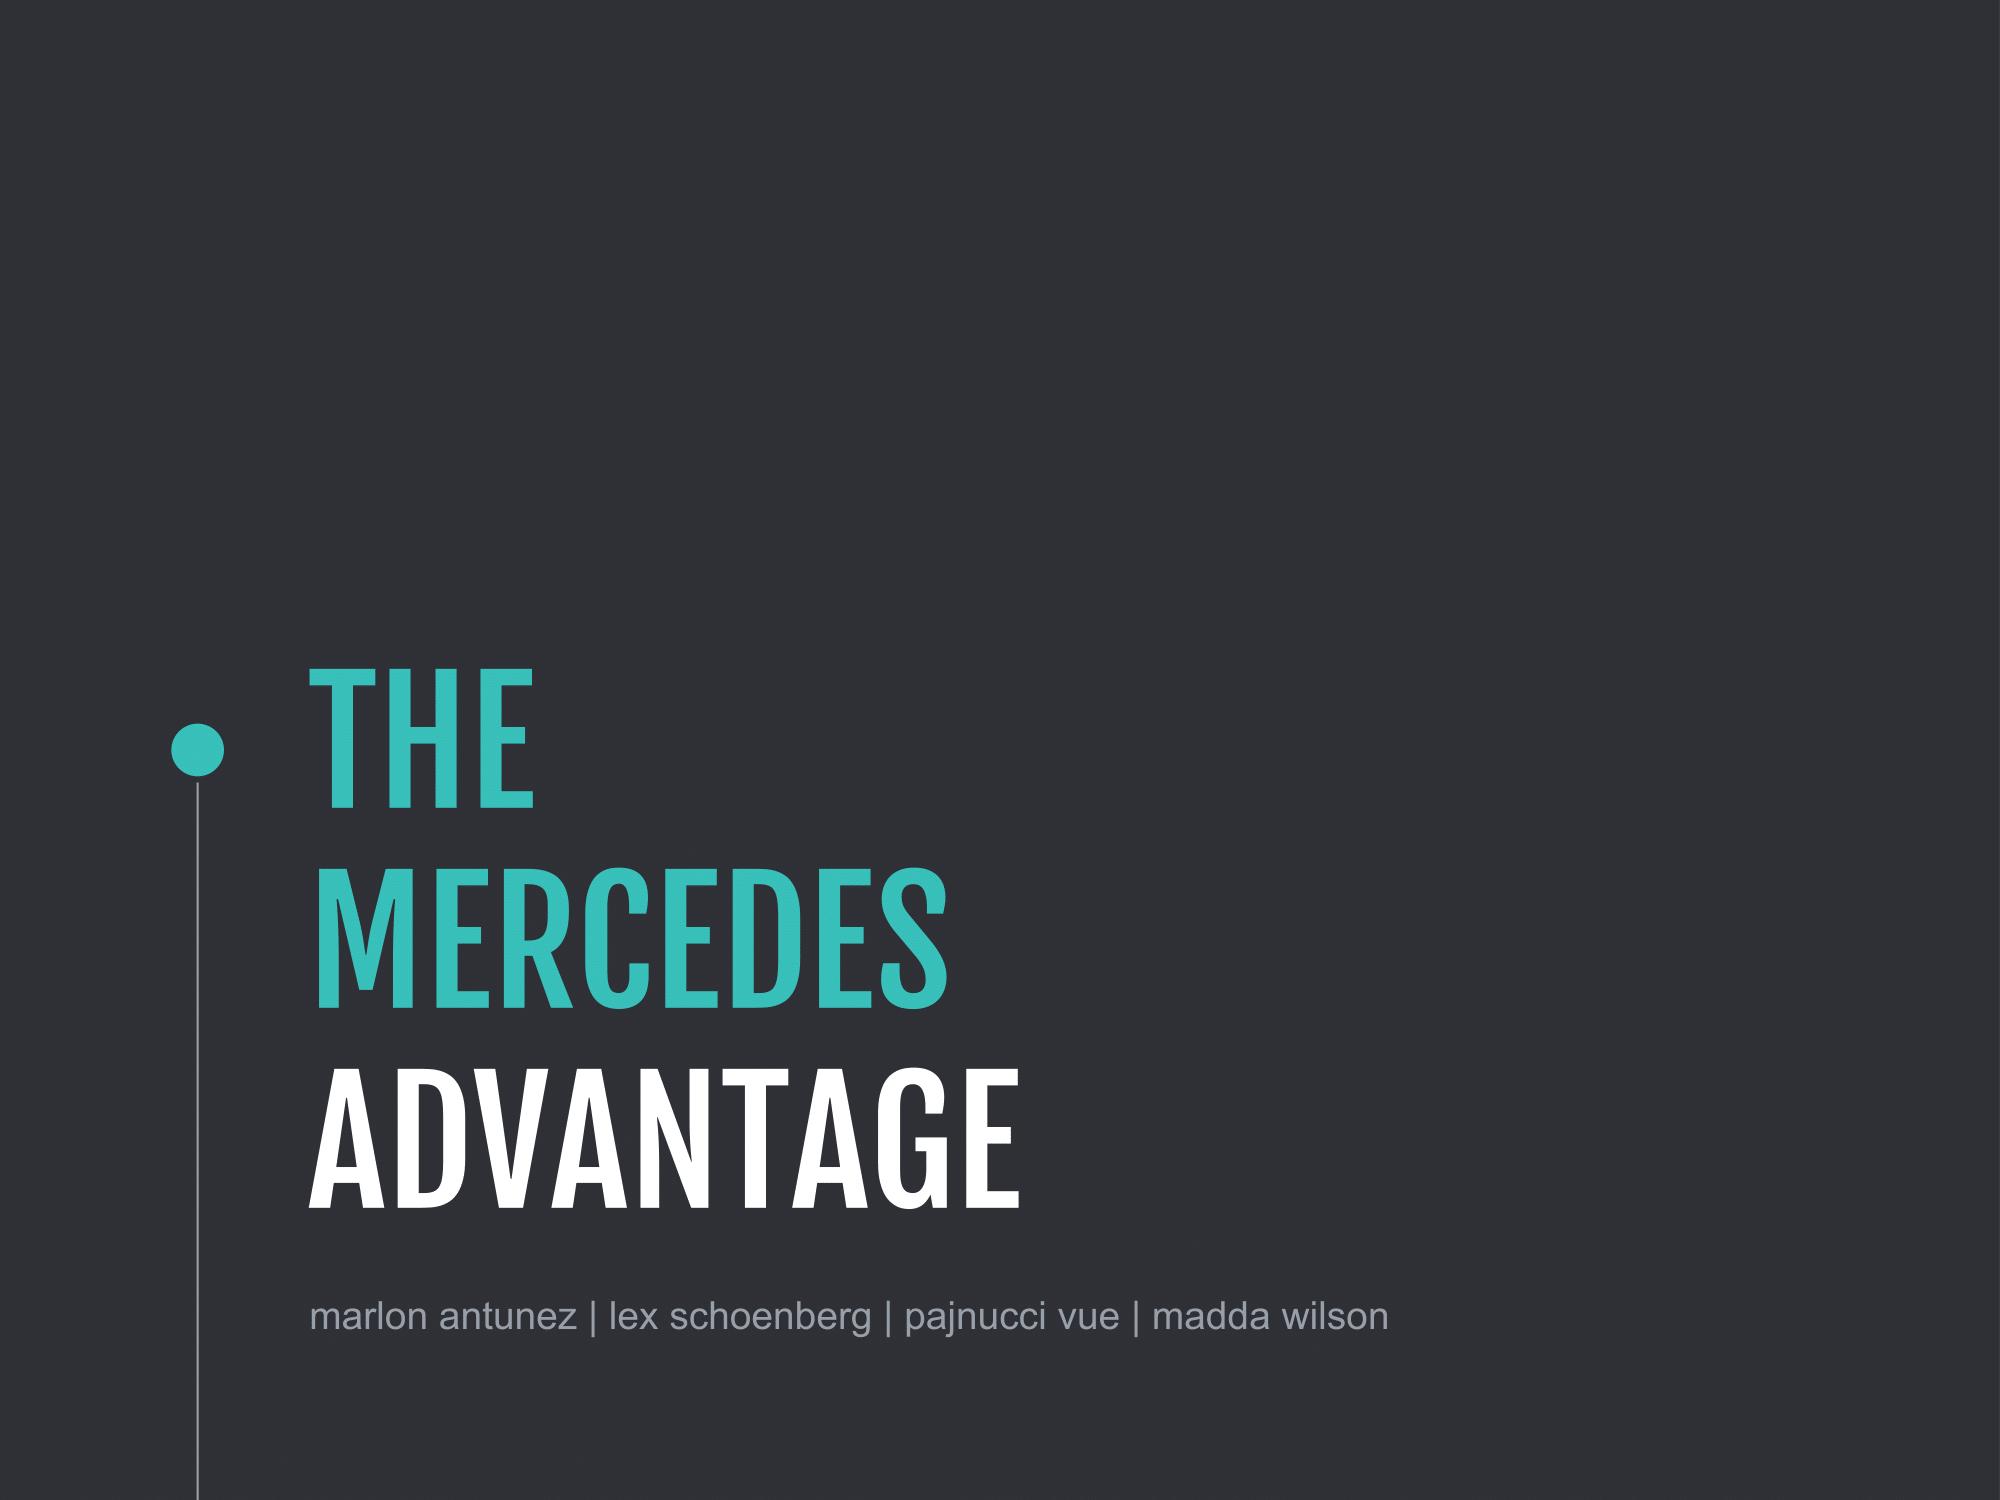 Copy of The Mercedes Advantage -01.png